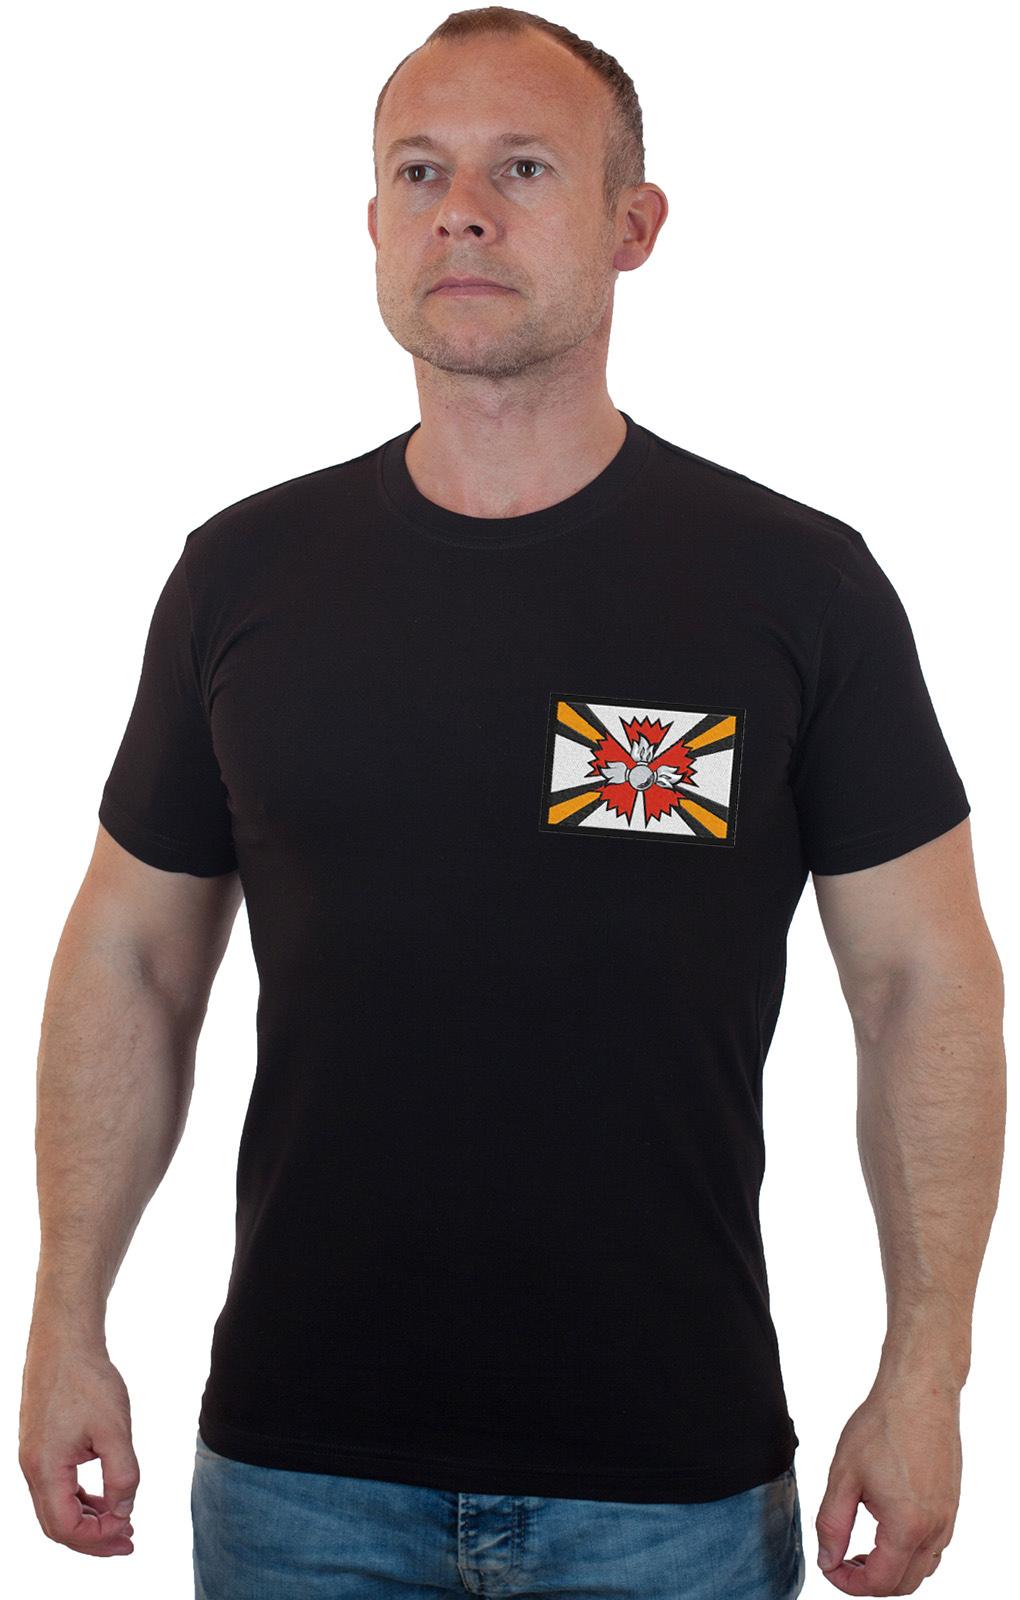 Купить в военторге военпро футболку Разведывательных соединений и воинских частей